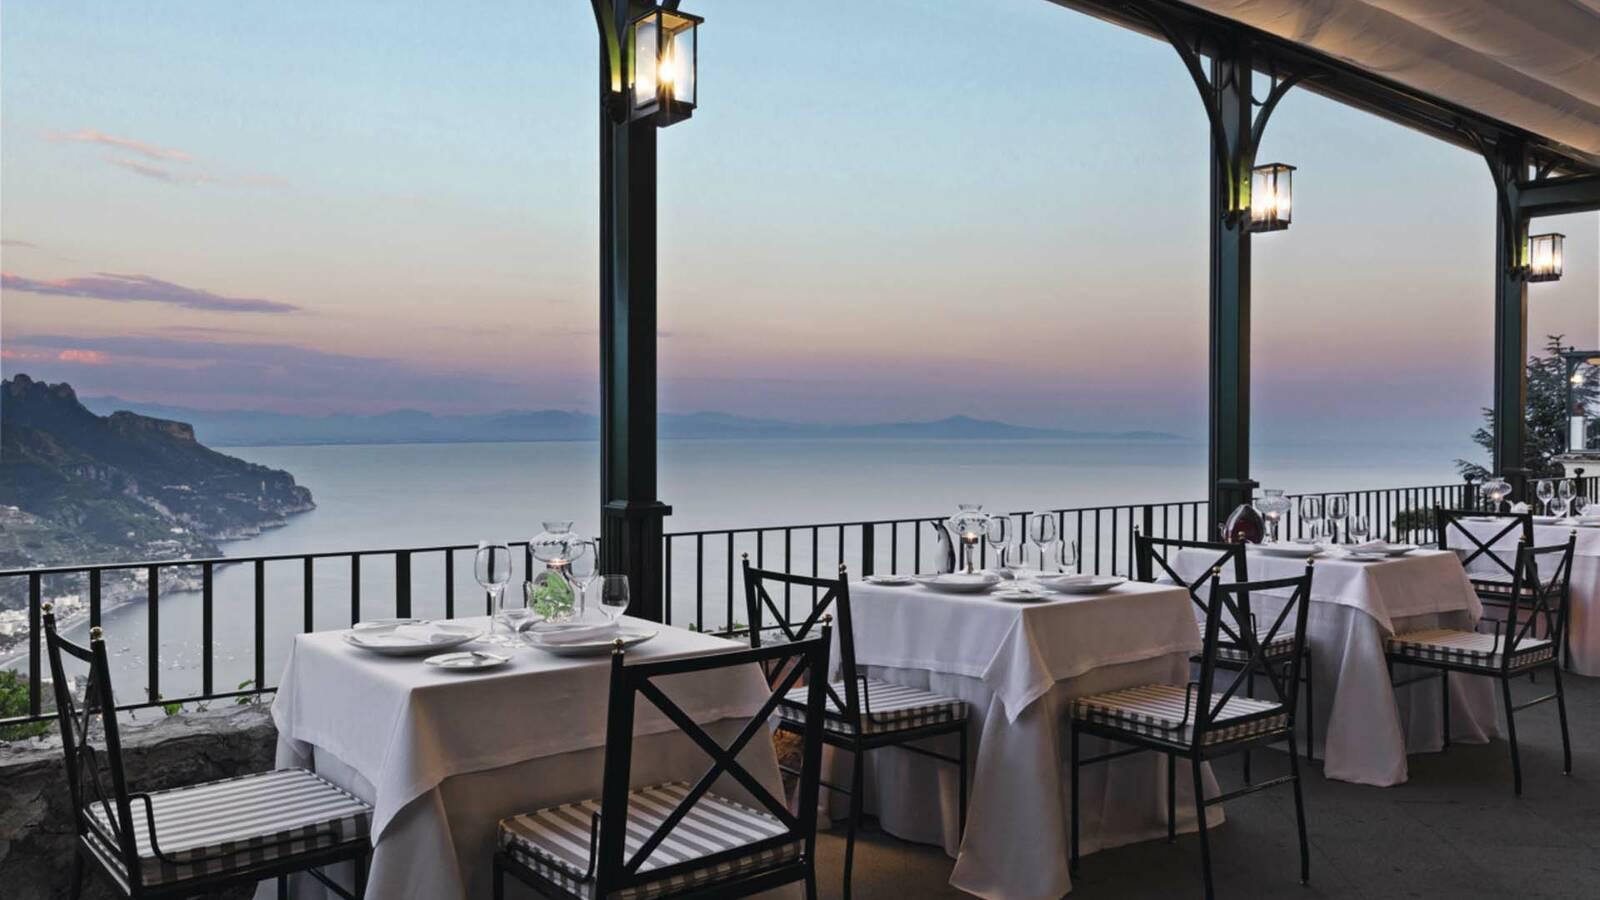 Palazzo Avino Ravello Italie Restaurant